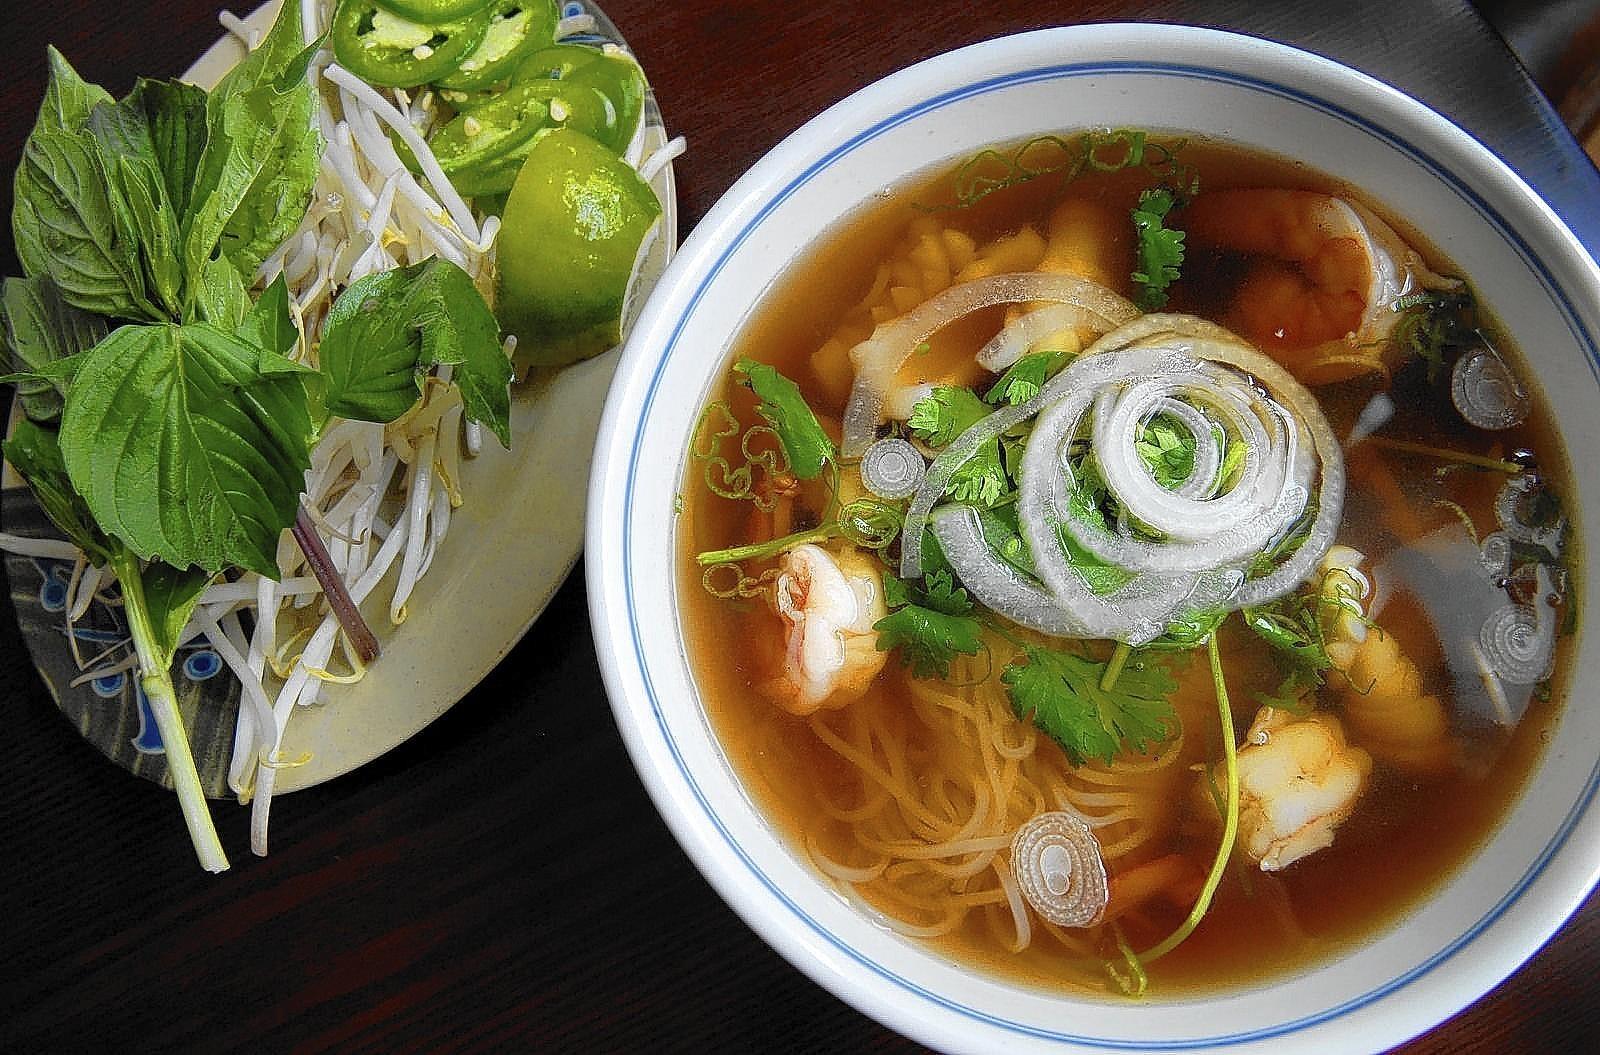 Indochine's Vietnamese specialties shine in Midtown